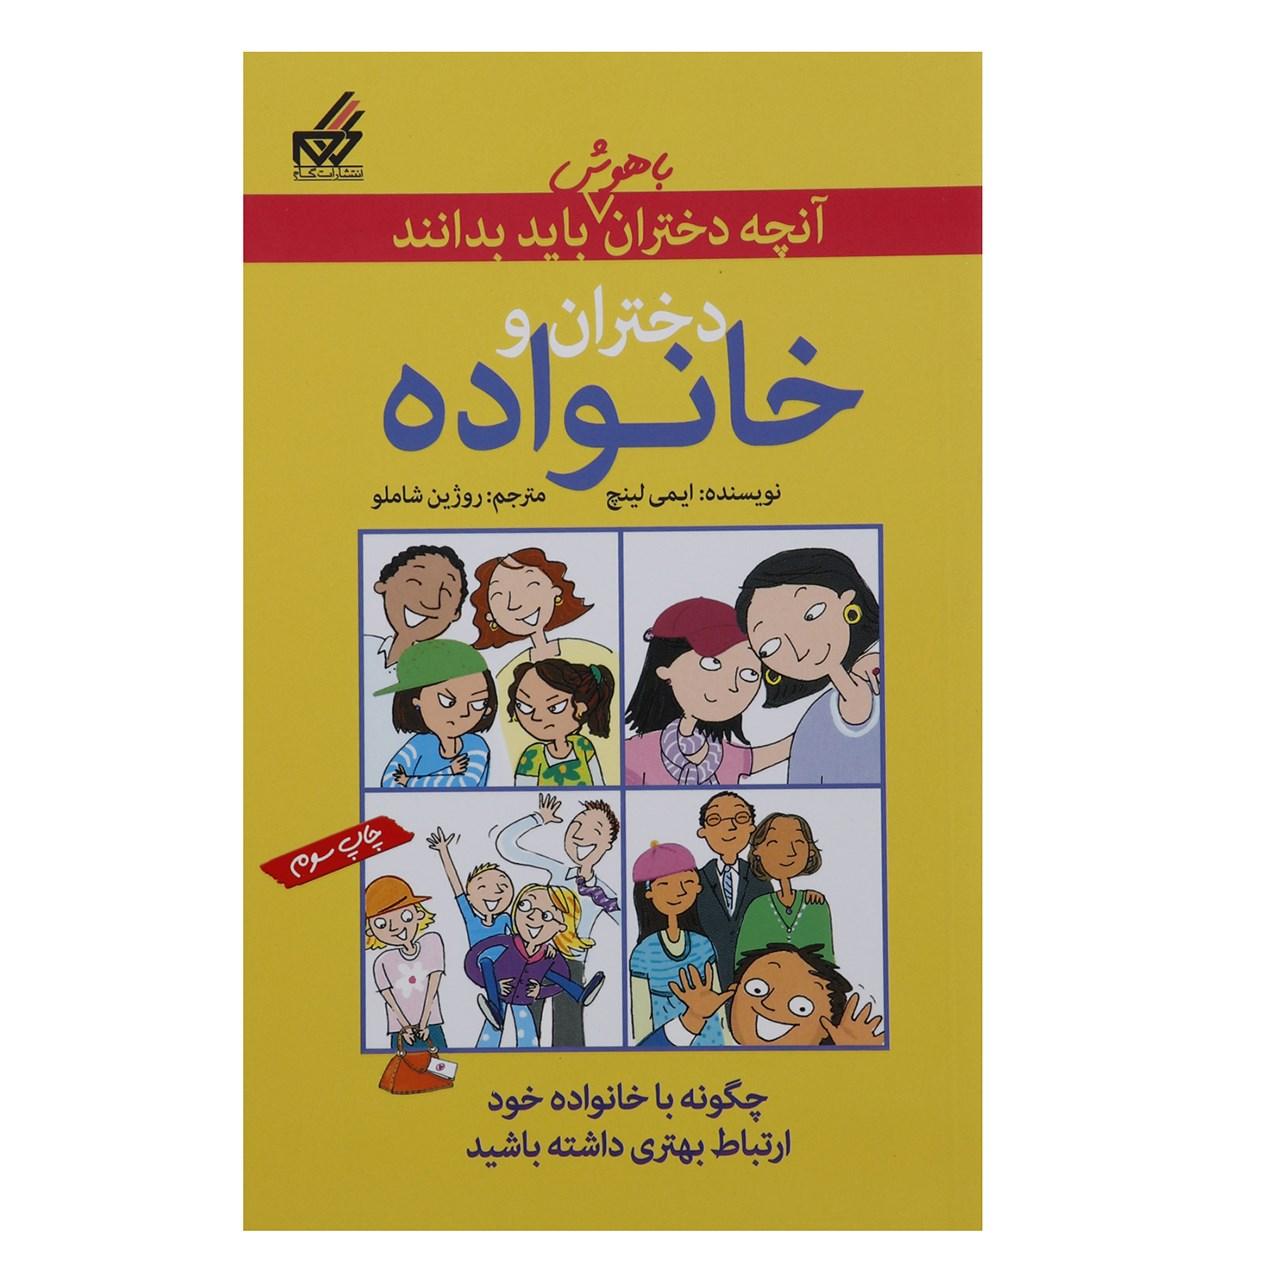 کتاب آنچه دختران باهوش باید بدانند دختران و خانواده اثر ایمی لینچ